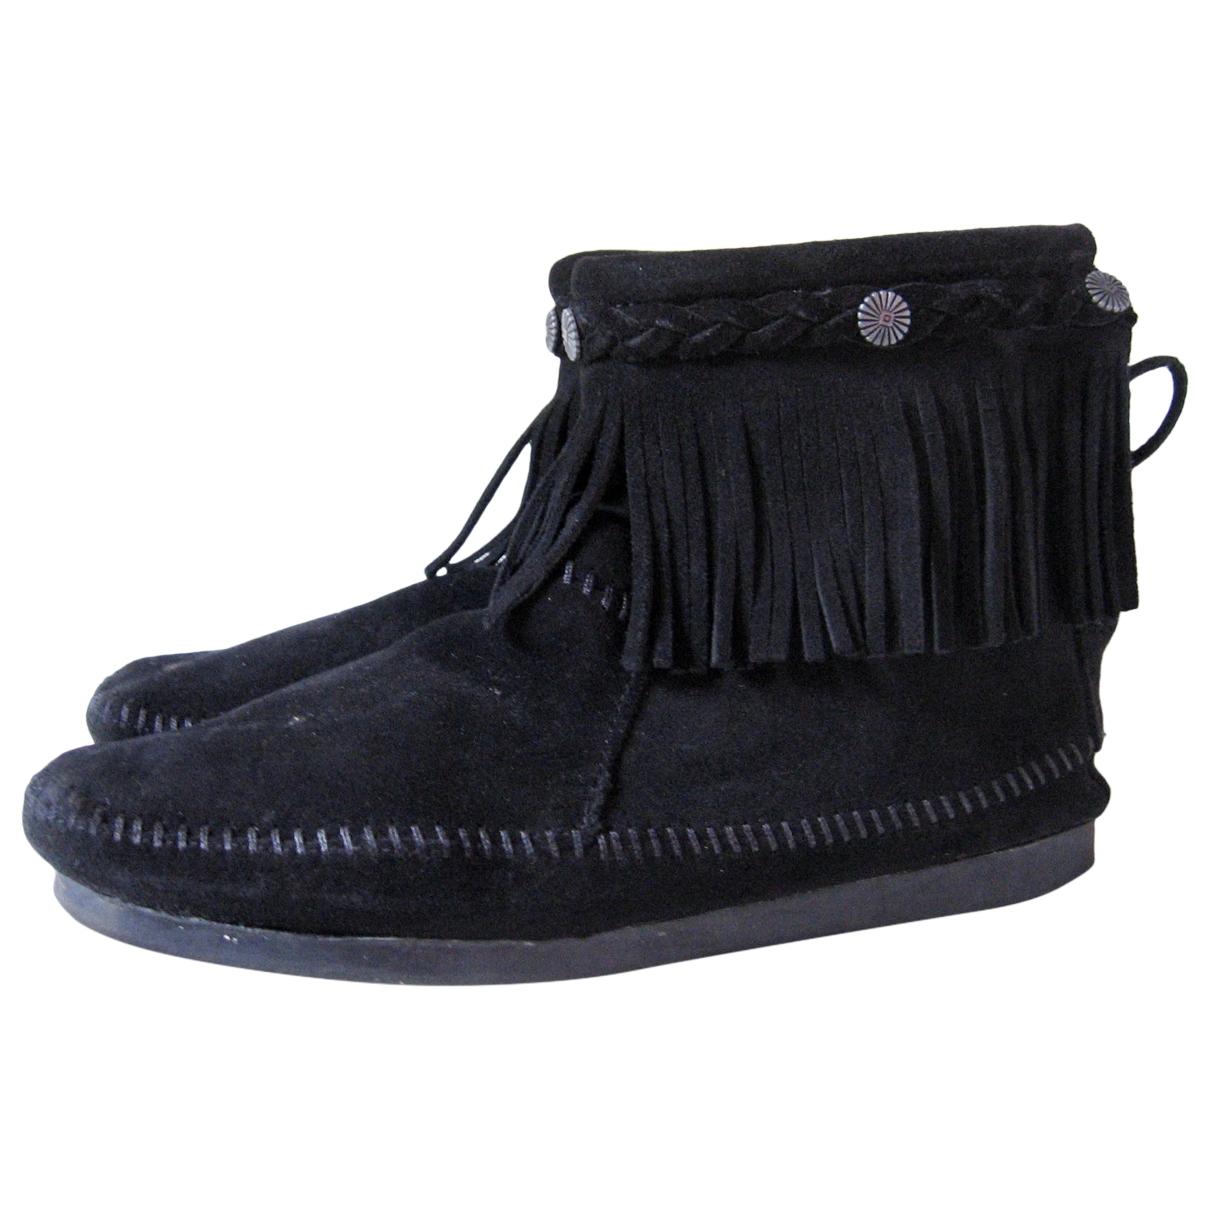 Minnetonka \N Stiefeletten in  Schwarz Leder